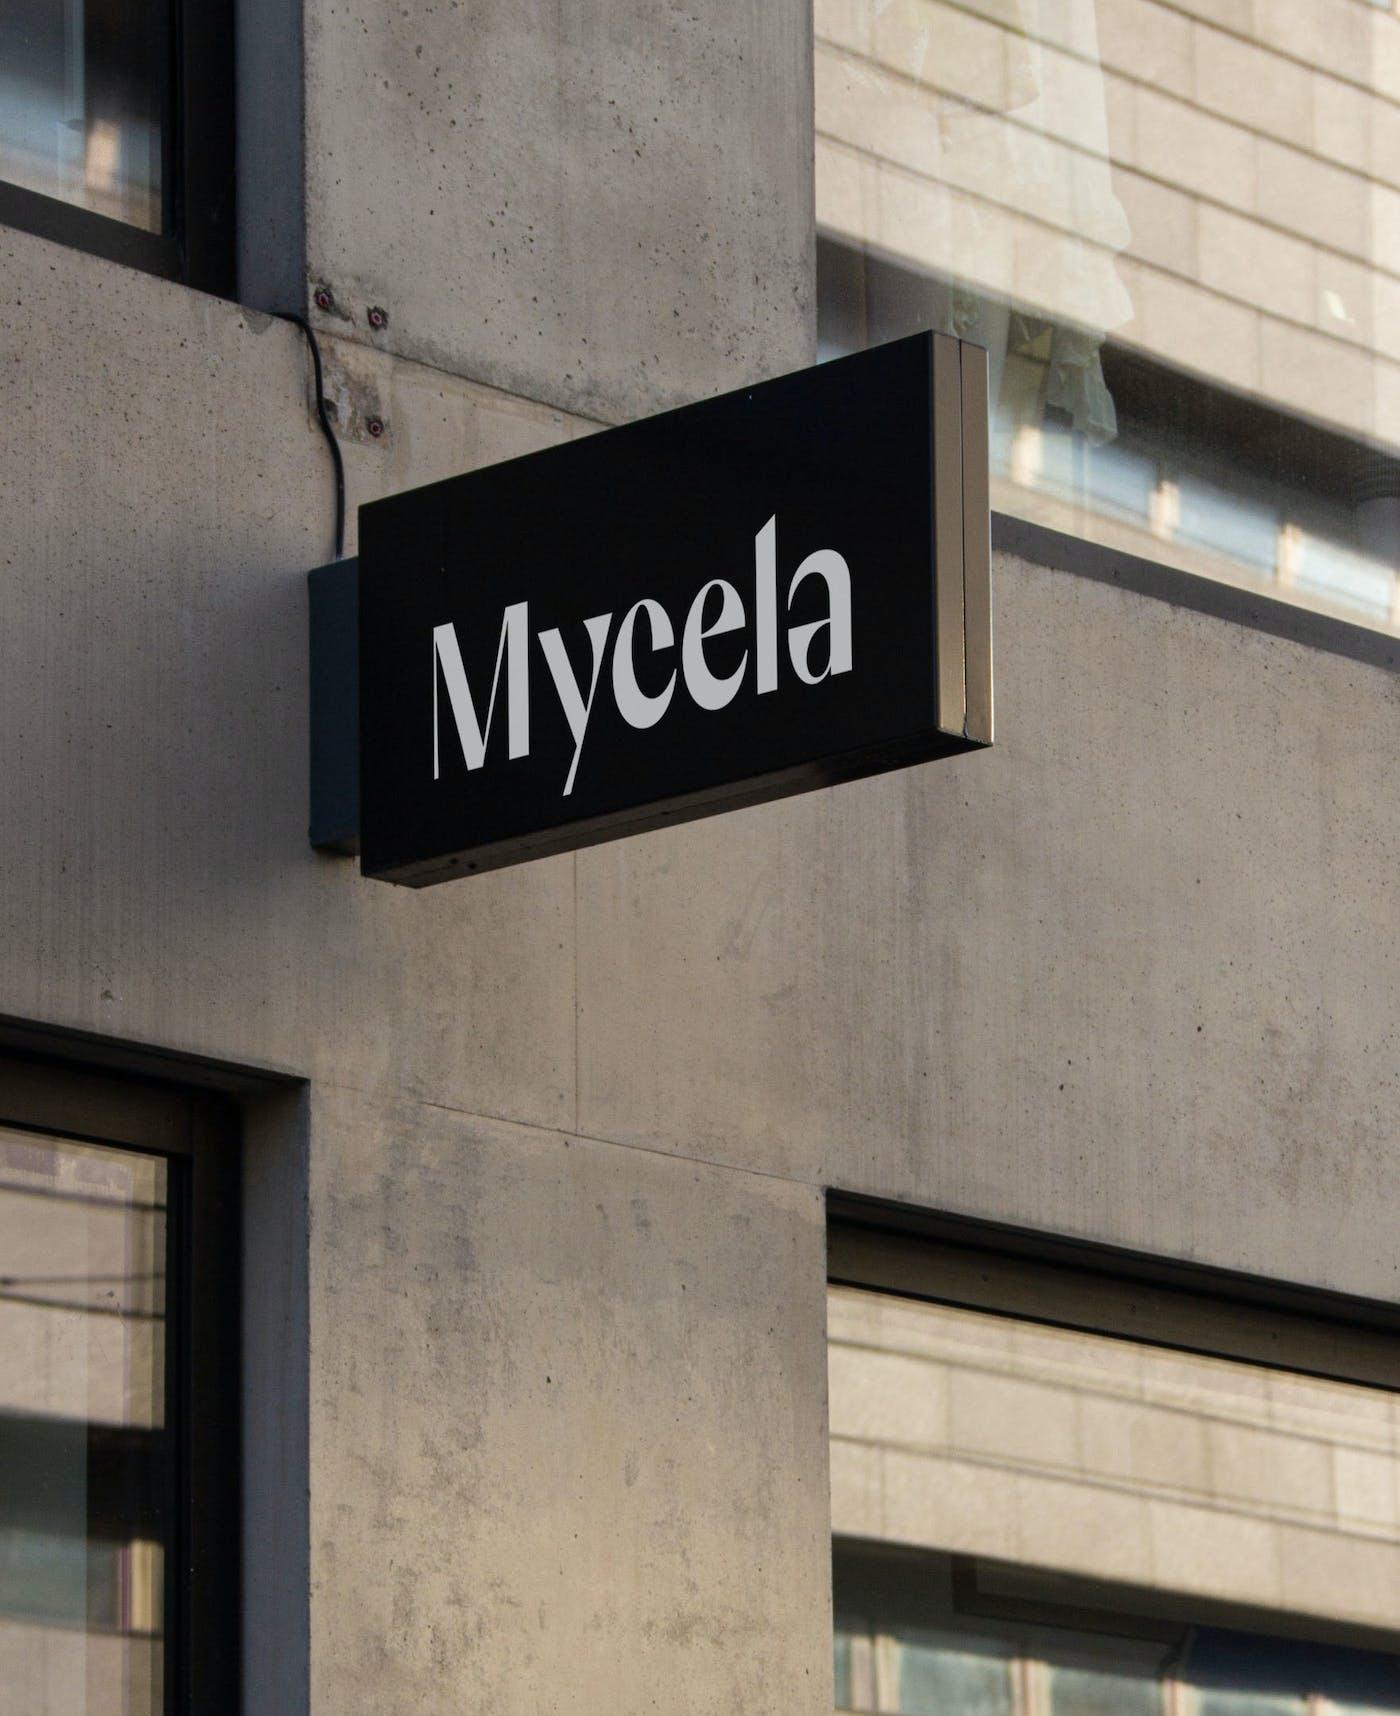 4 Mycela signage